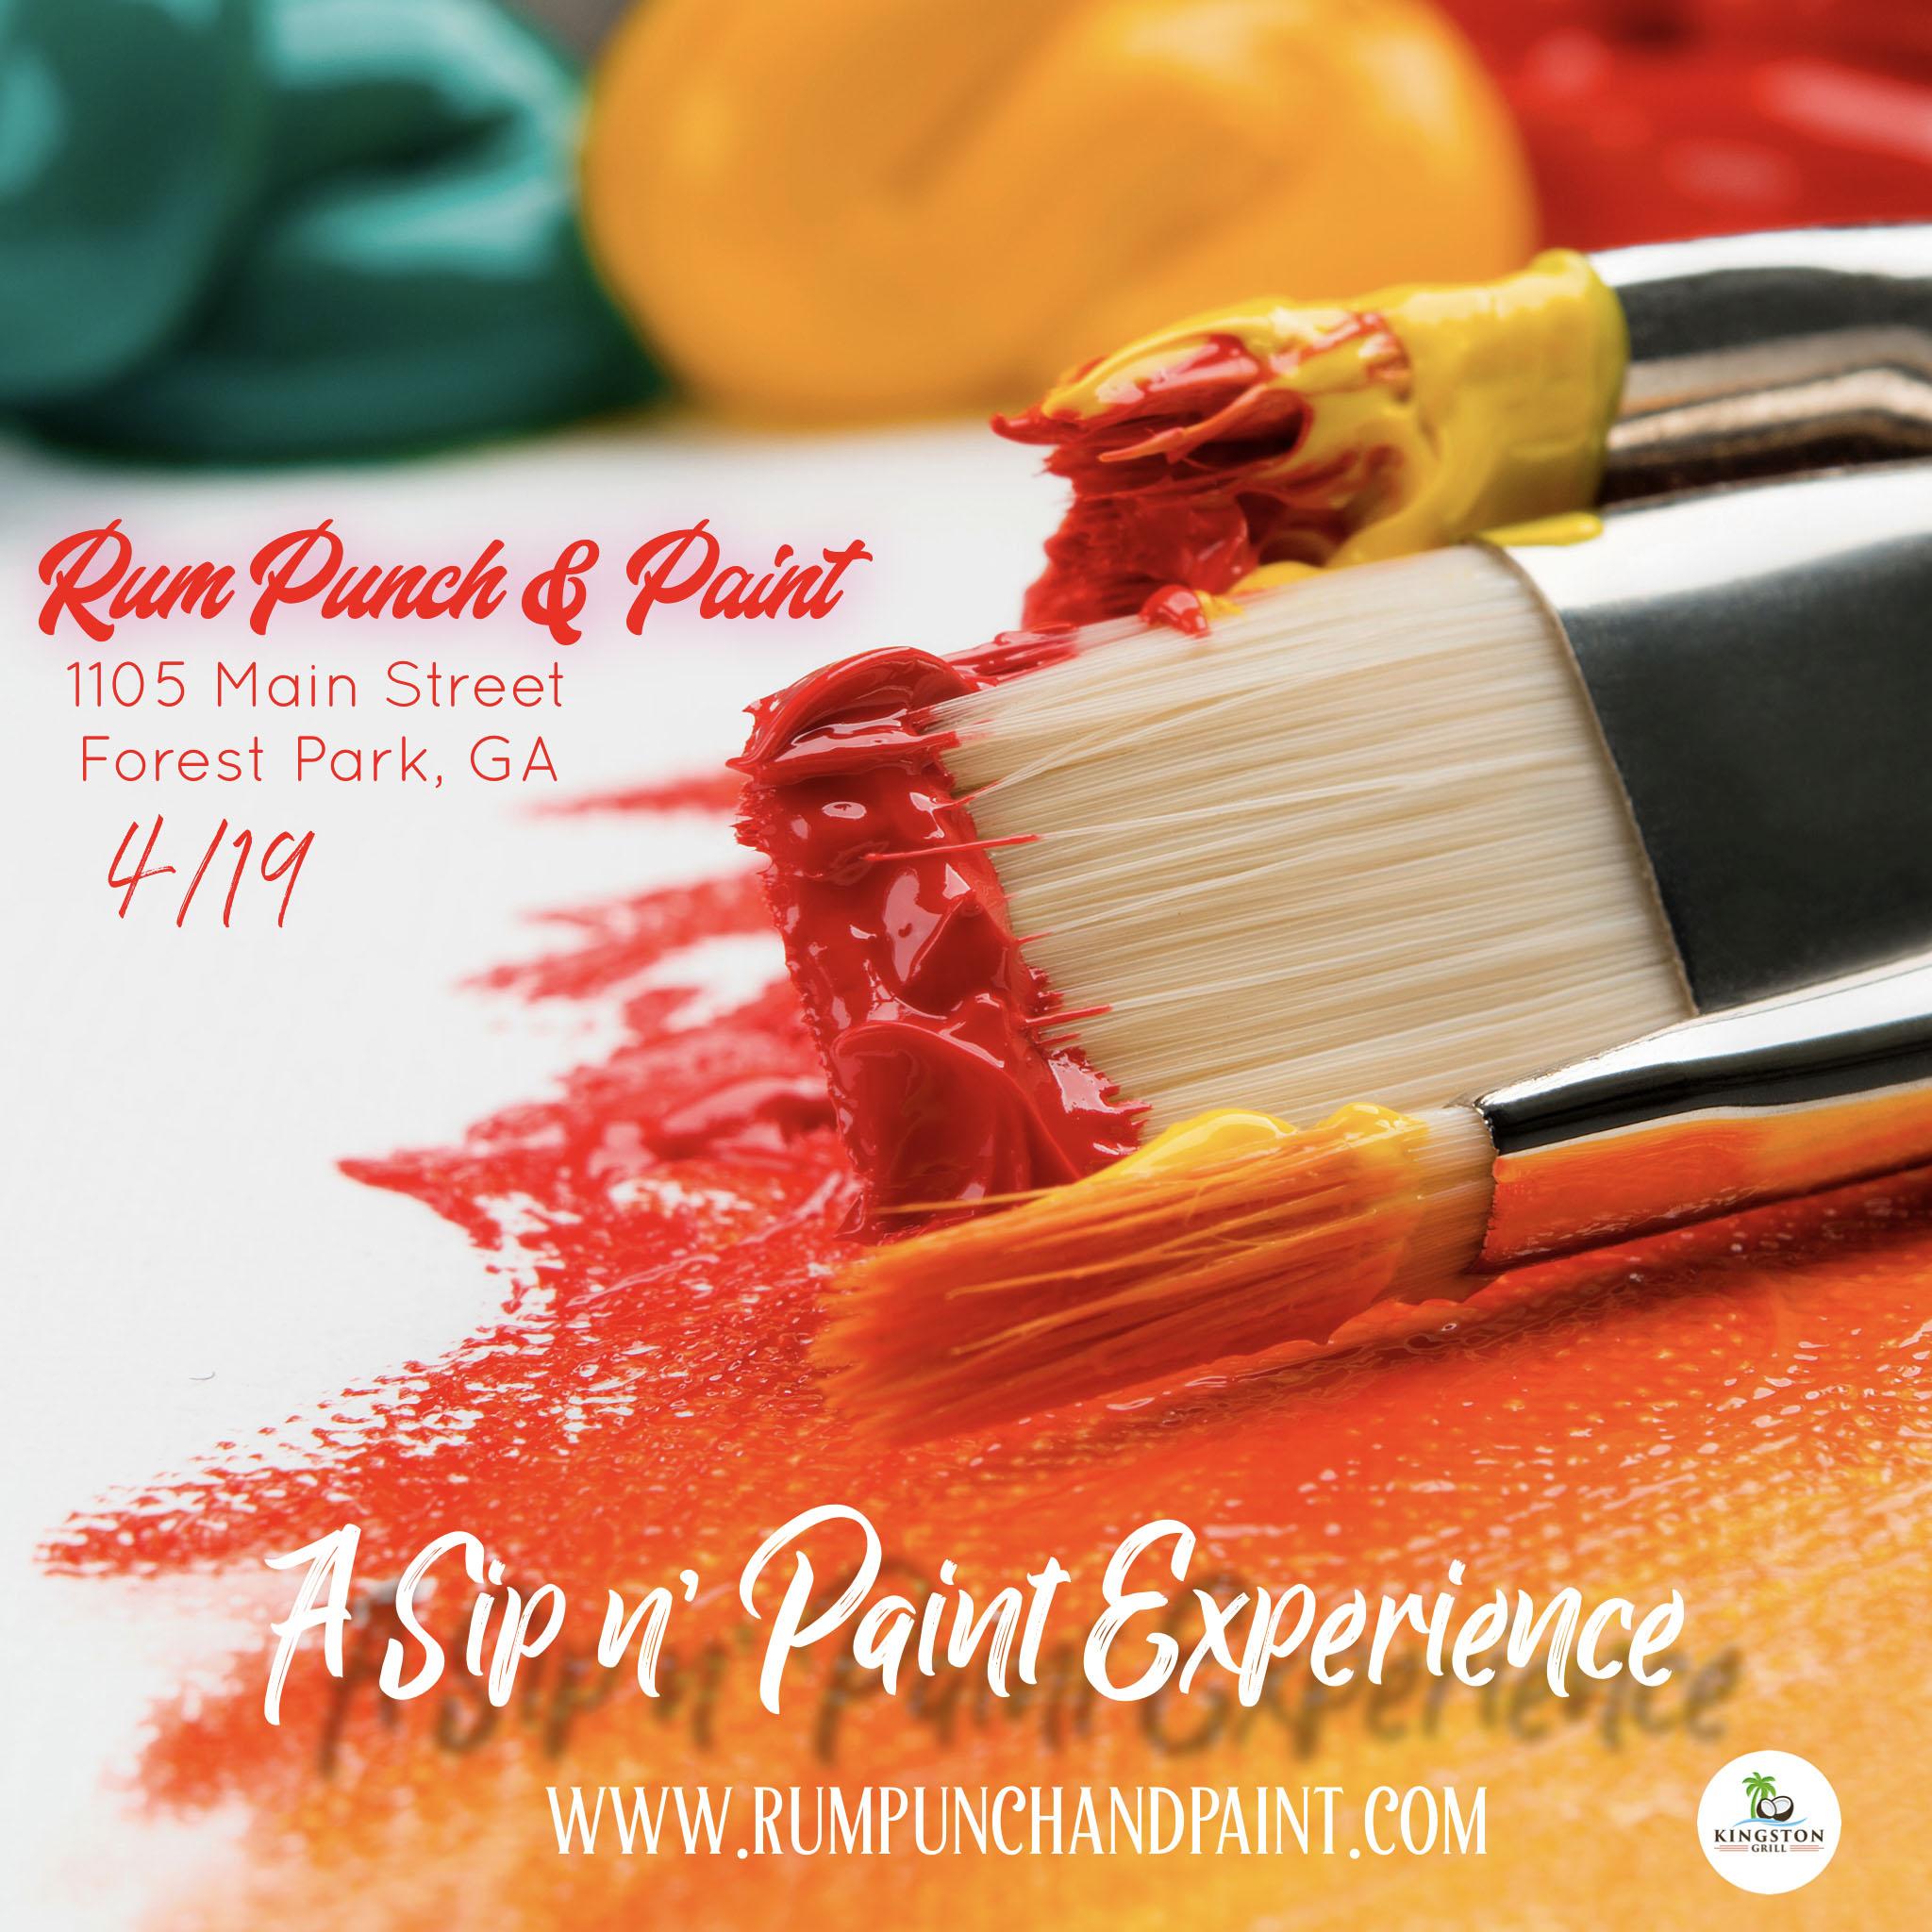 Rum Punch & Paint